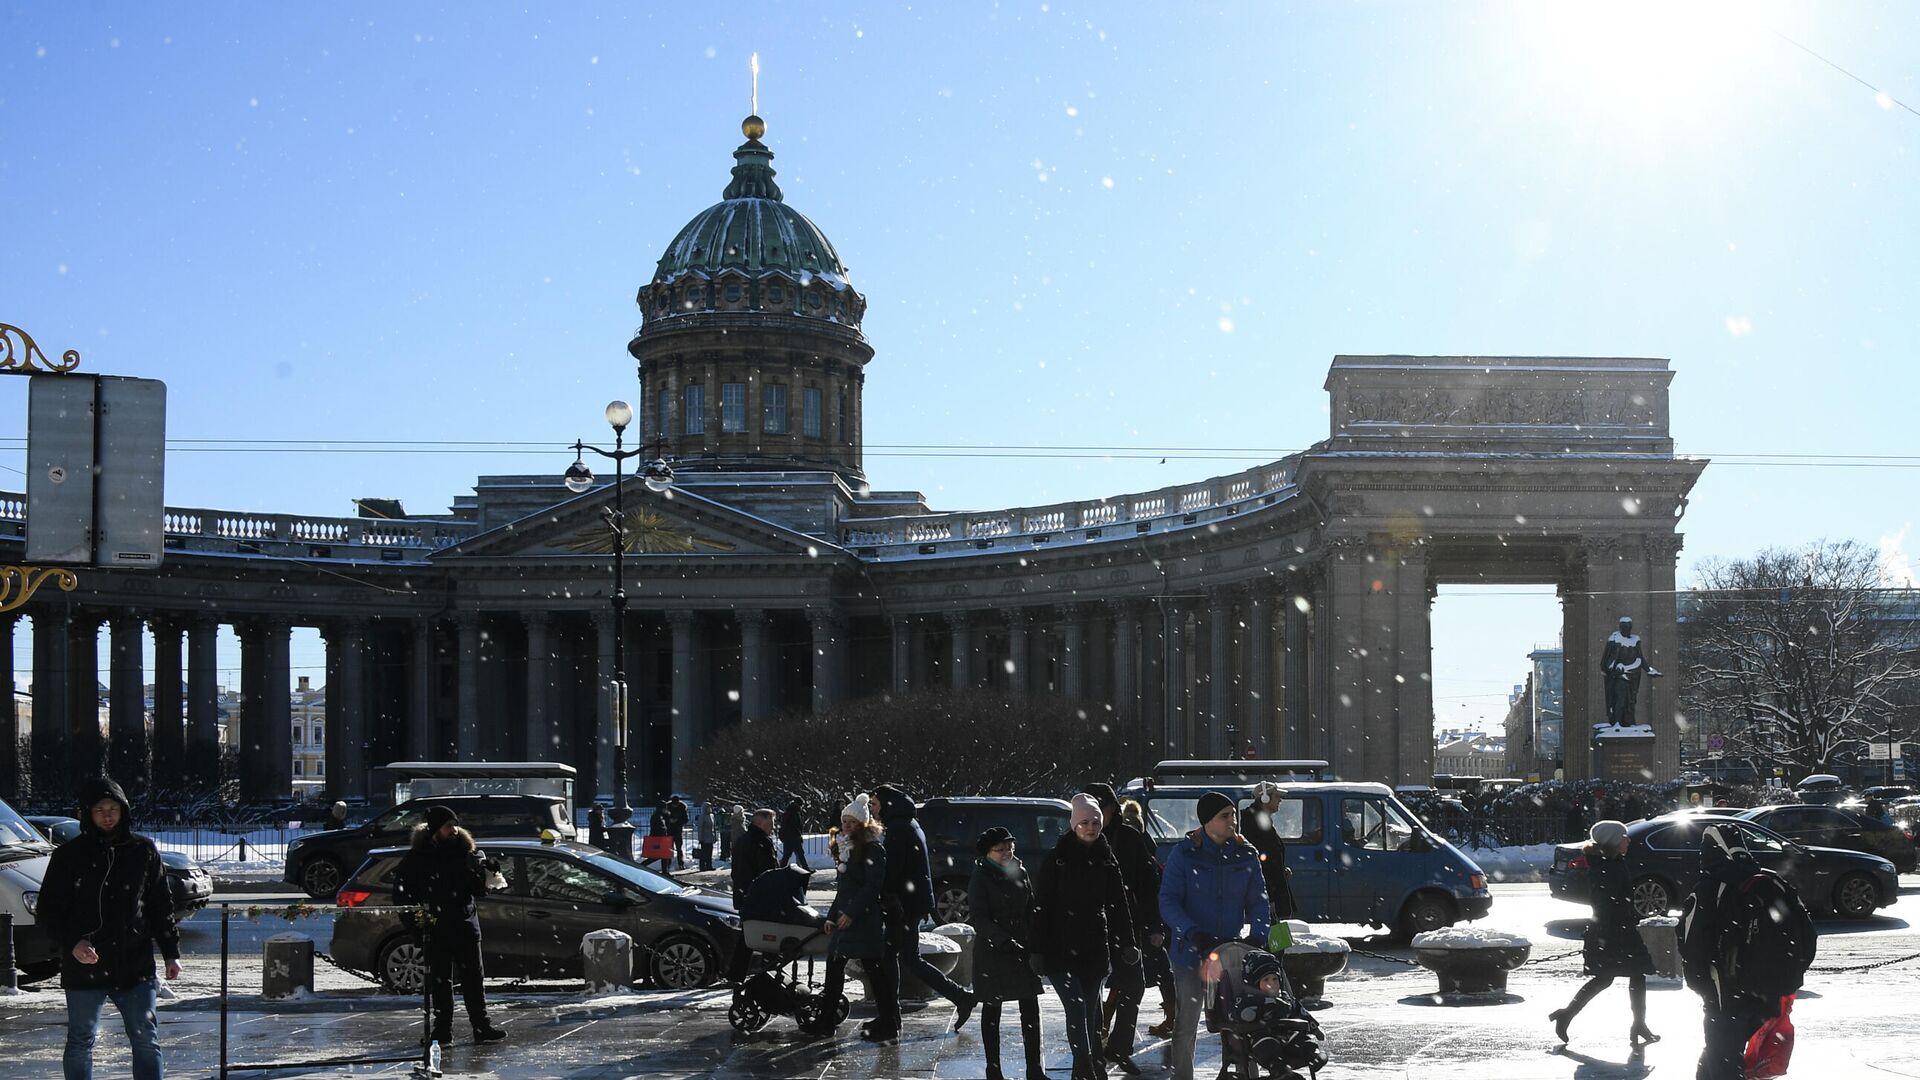 Казанский кафедральный собор в Санкт-Петербурге - РИА Новости, 1920, 05.12.2020